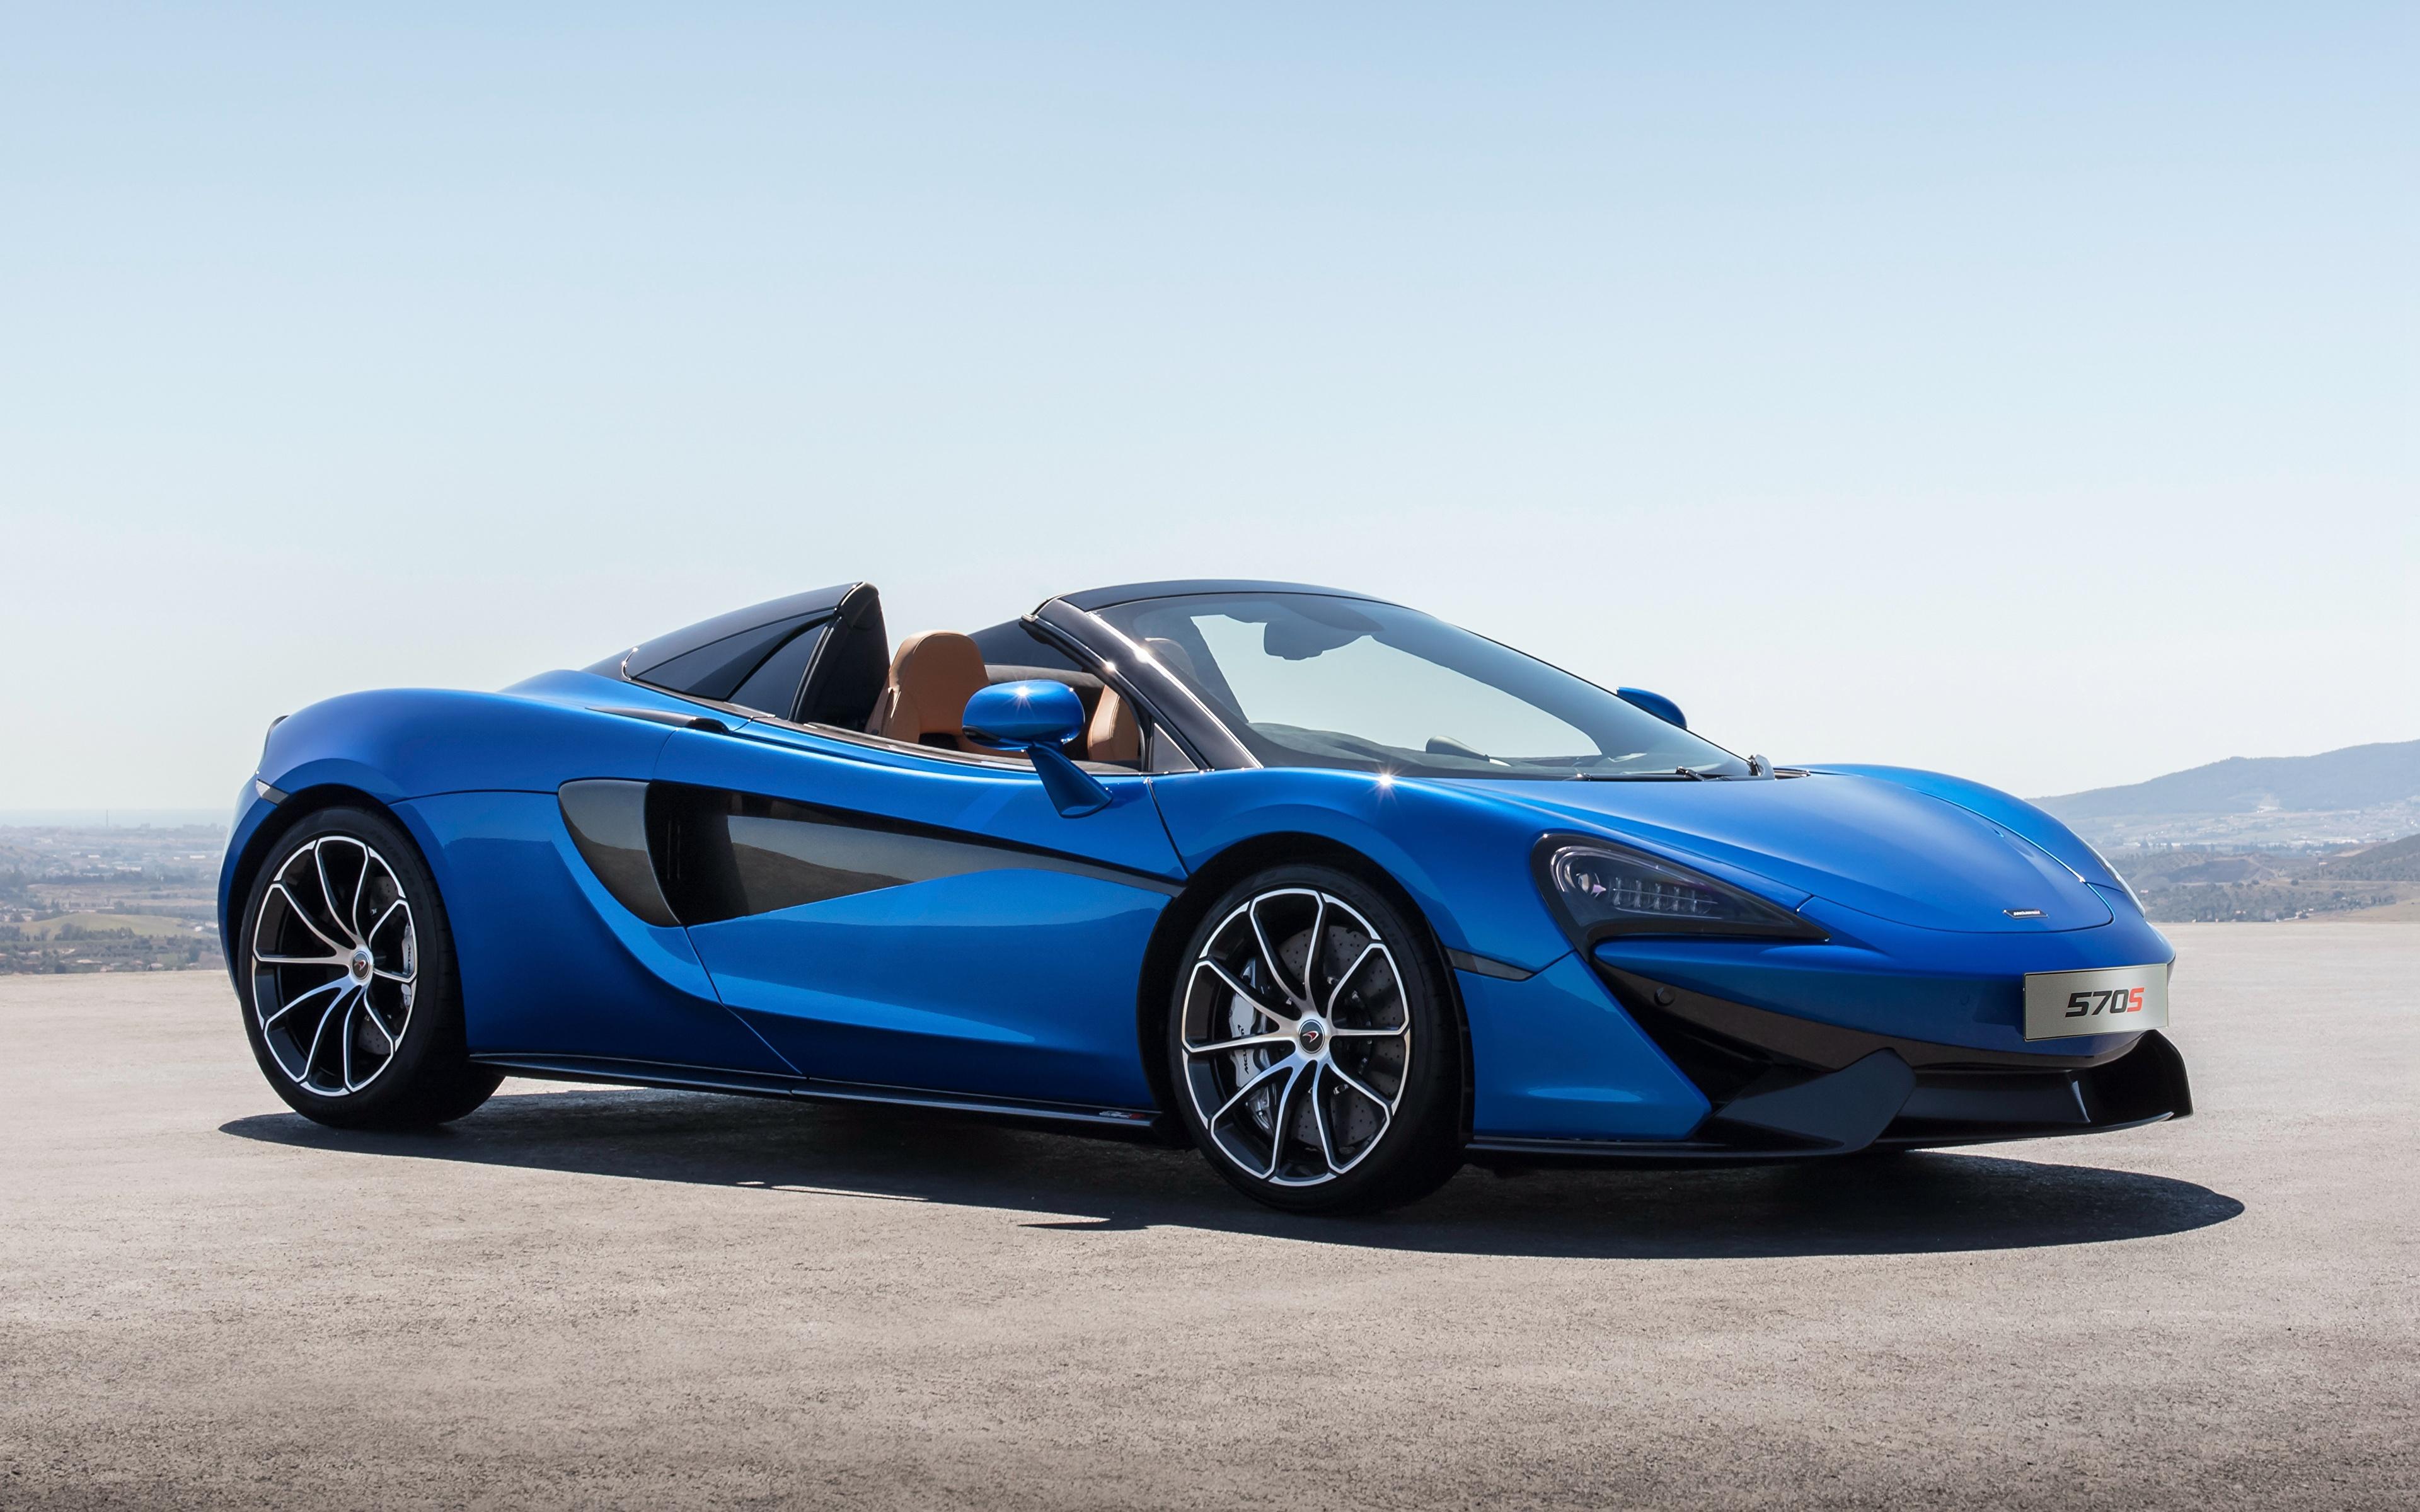 Картинки McLaren 2017 570S Spider Worldwide Родстер синие Автомобили 3840x2400 Макларен синих Синий синяя авто машина машины автомобиль